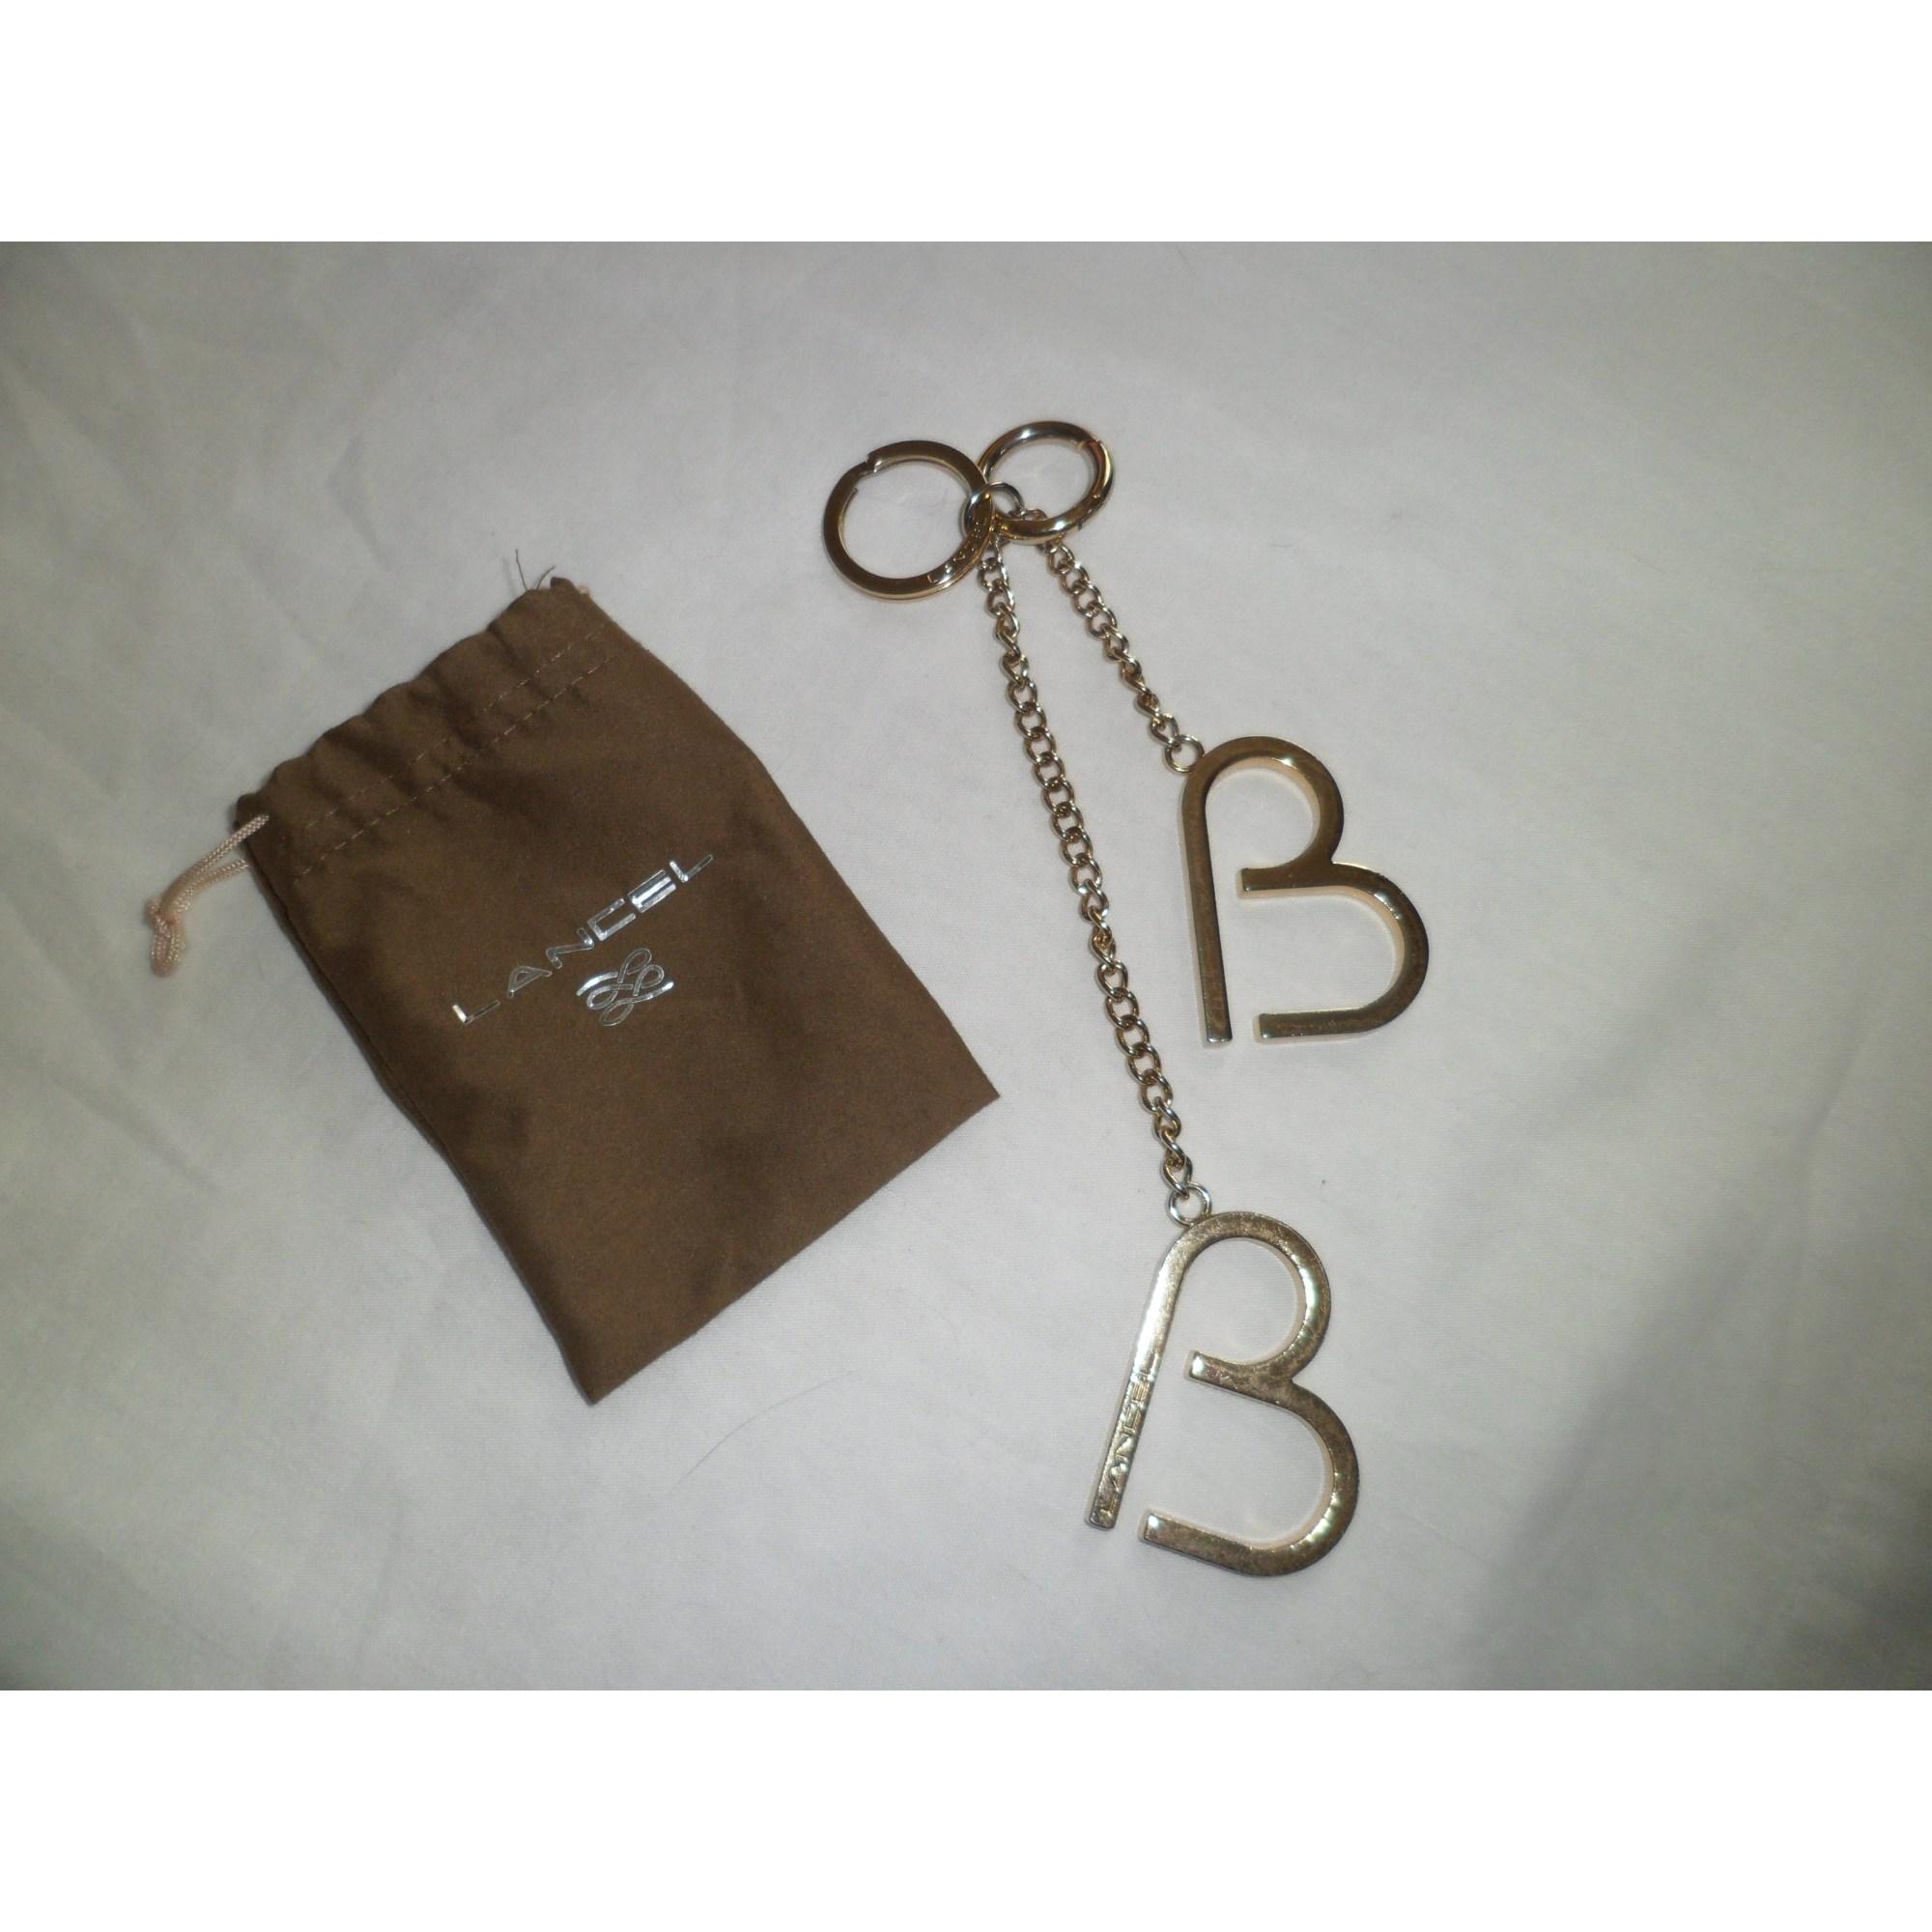 Porte-clés LANCEL brigitte bardot doré vendu par Dressing up  - 5460558 4b7fee5b2dc